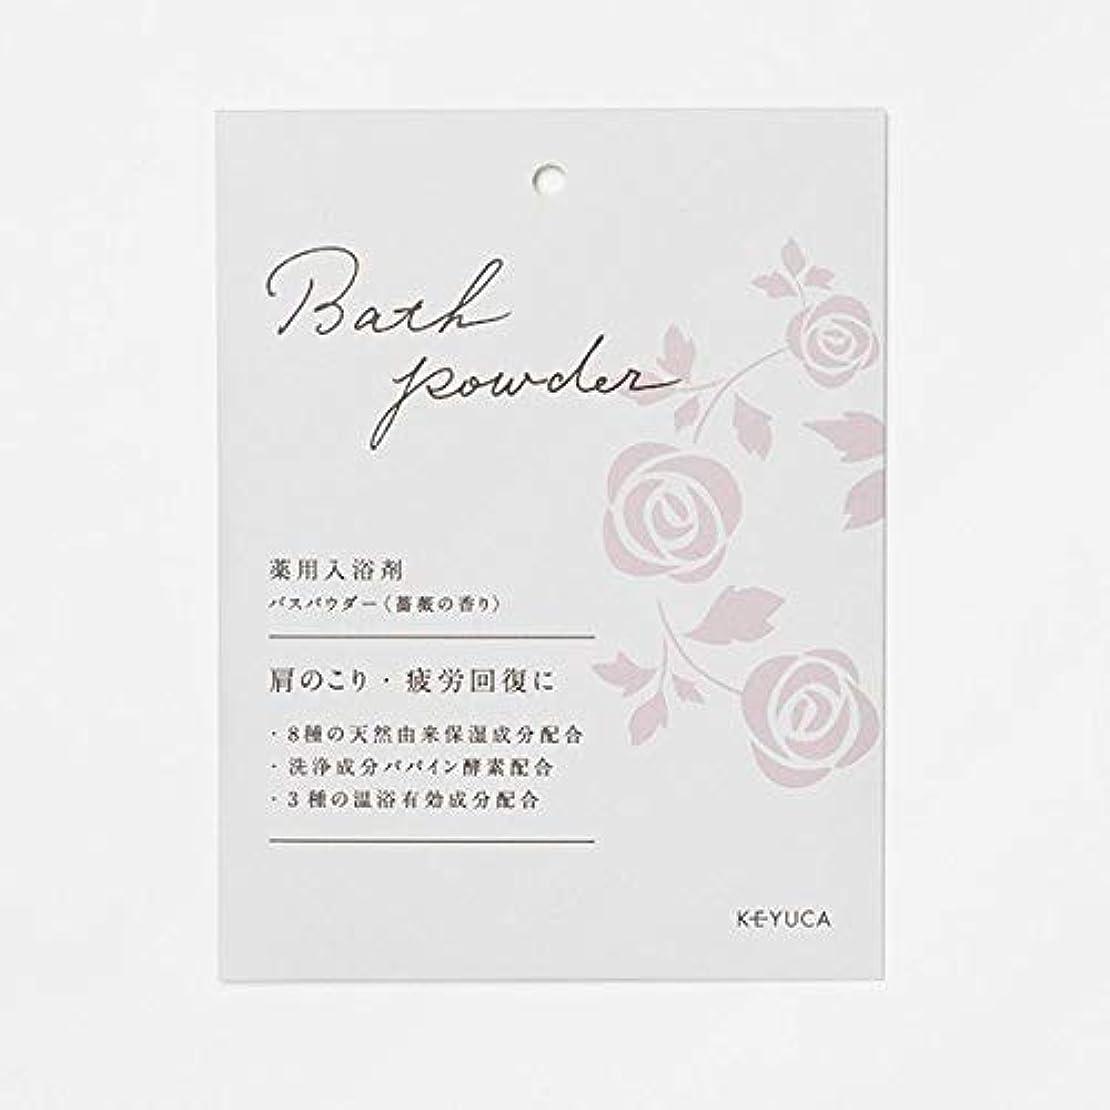 特権ストロー書誌KEYUCA(ケユカ) 薬用 バスパウダー 薔薇